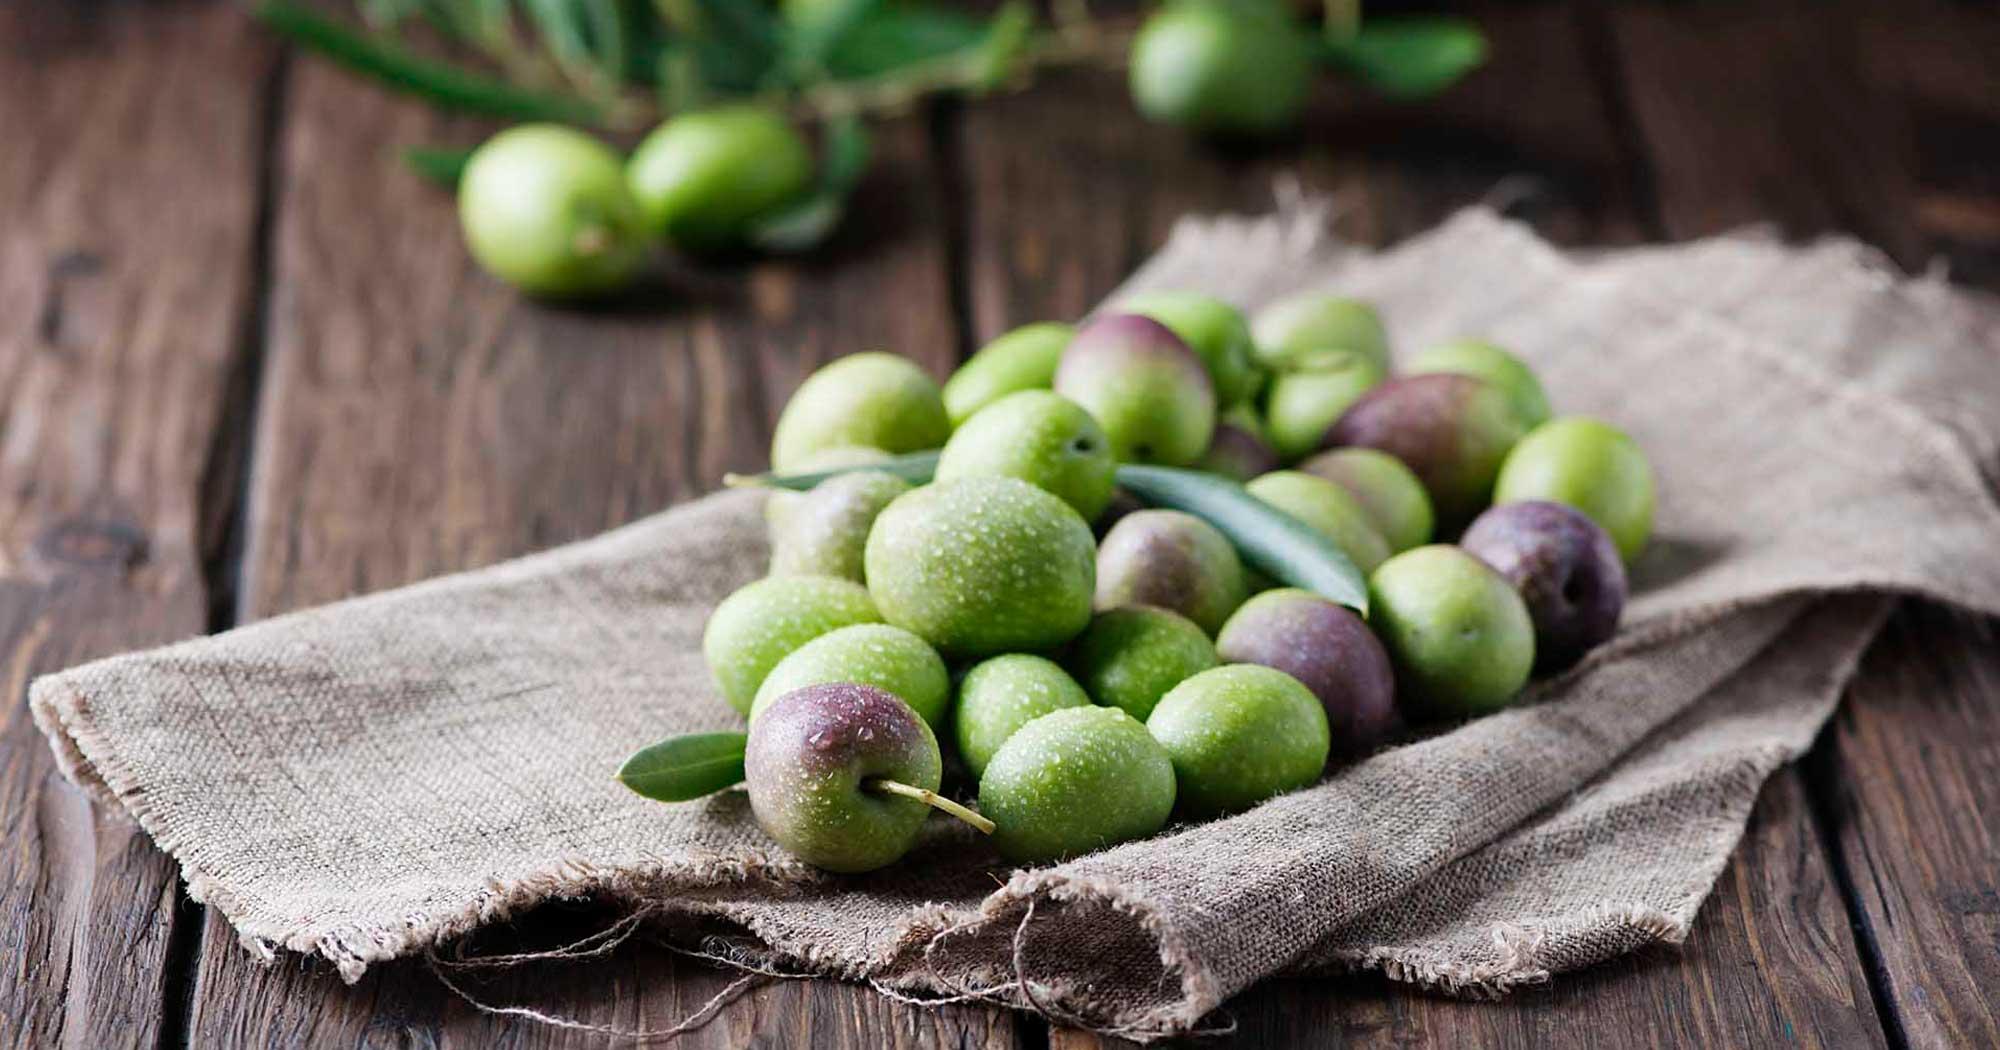 Oliveblondy Oliveblondy OnlyFans